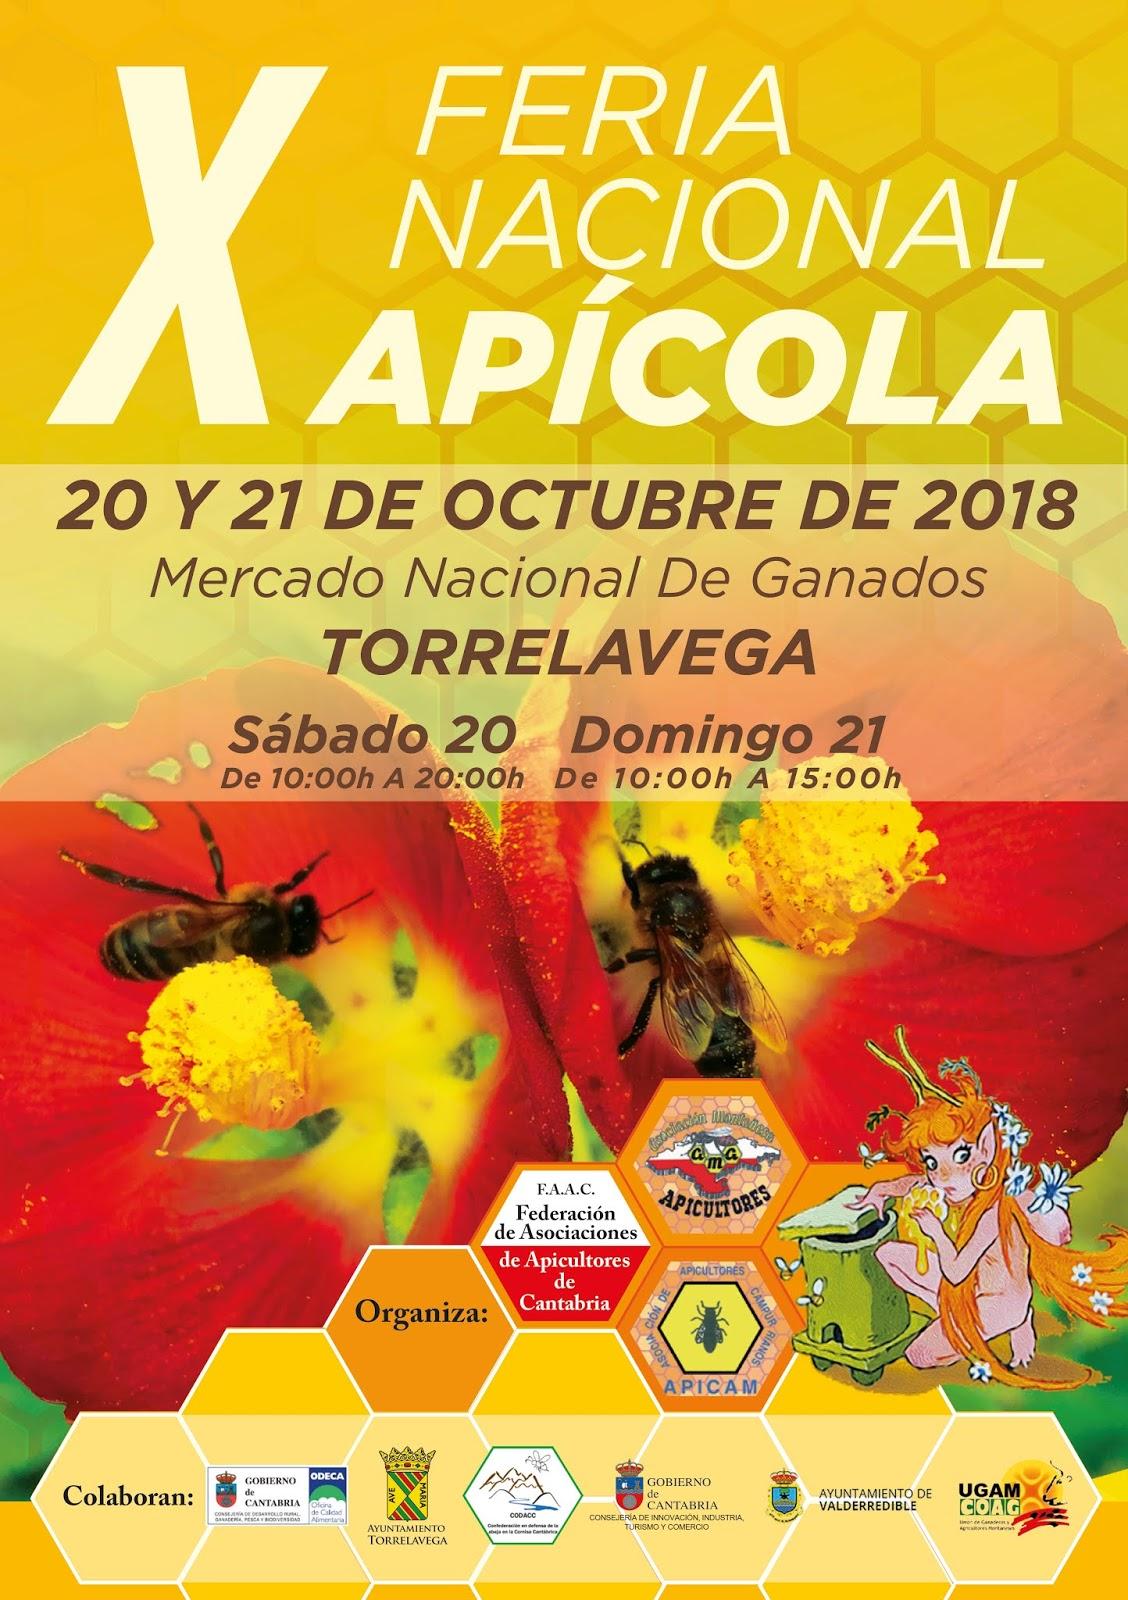 X FERIA NACIONAL APÍCOLA (Torrelavega, Cantabria)